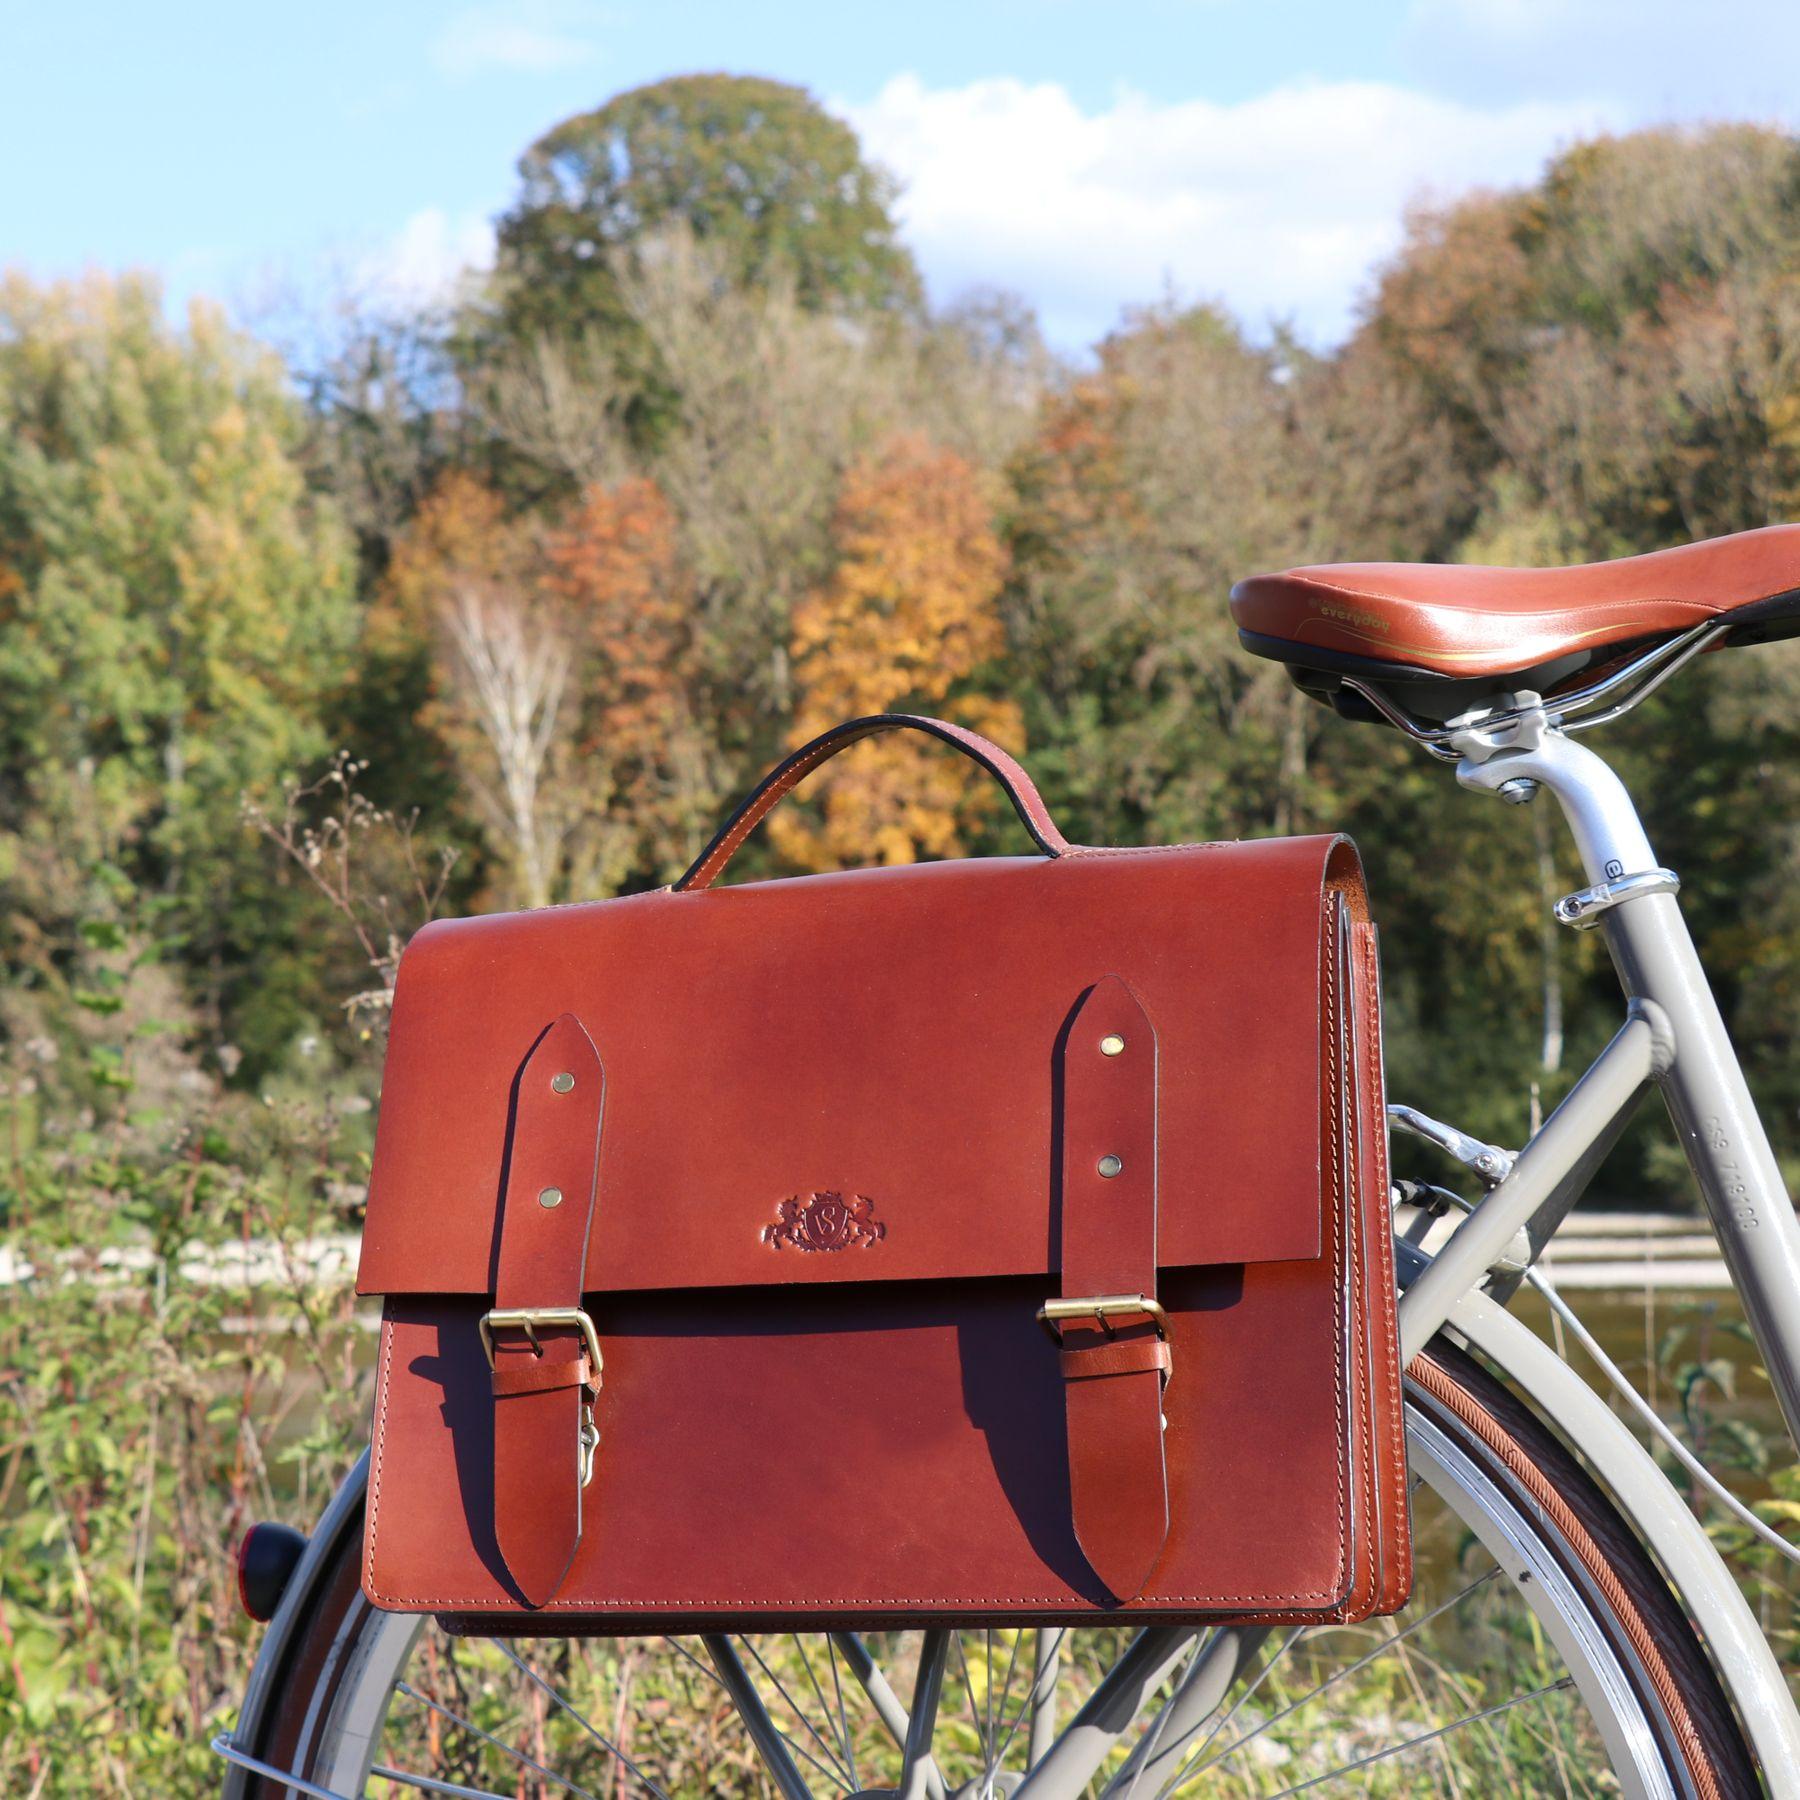 4 Zoll echte Ledertasche Damen Herren braun SID /& VAIN Fahrradtasche Leder Boston-Bike groß Aktentasche mit KlickFix Adapter Unisex 15 Zoll Laptop Gepäckträgertasche bis 15